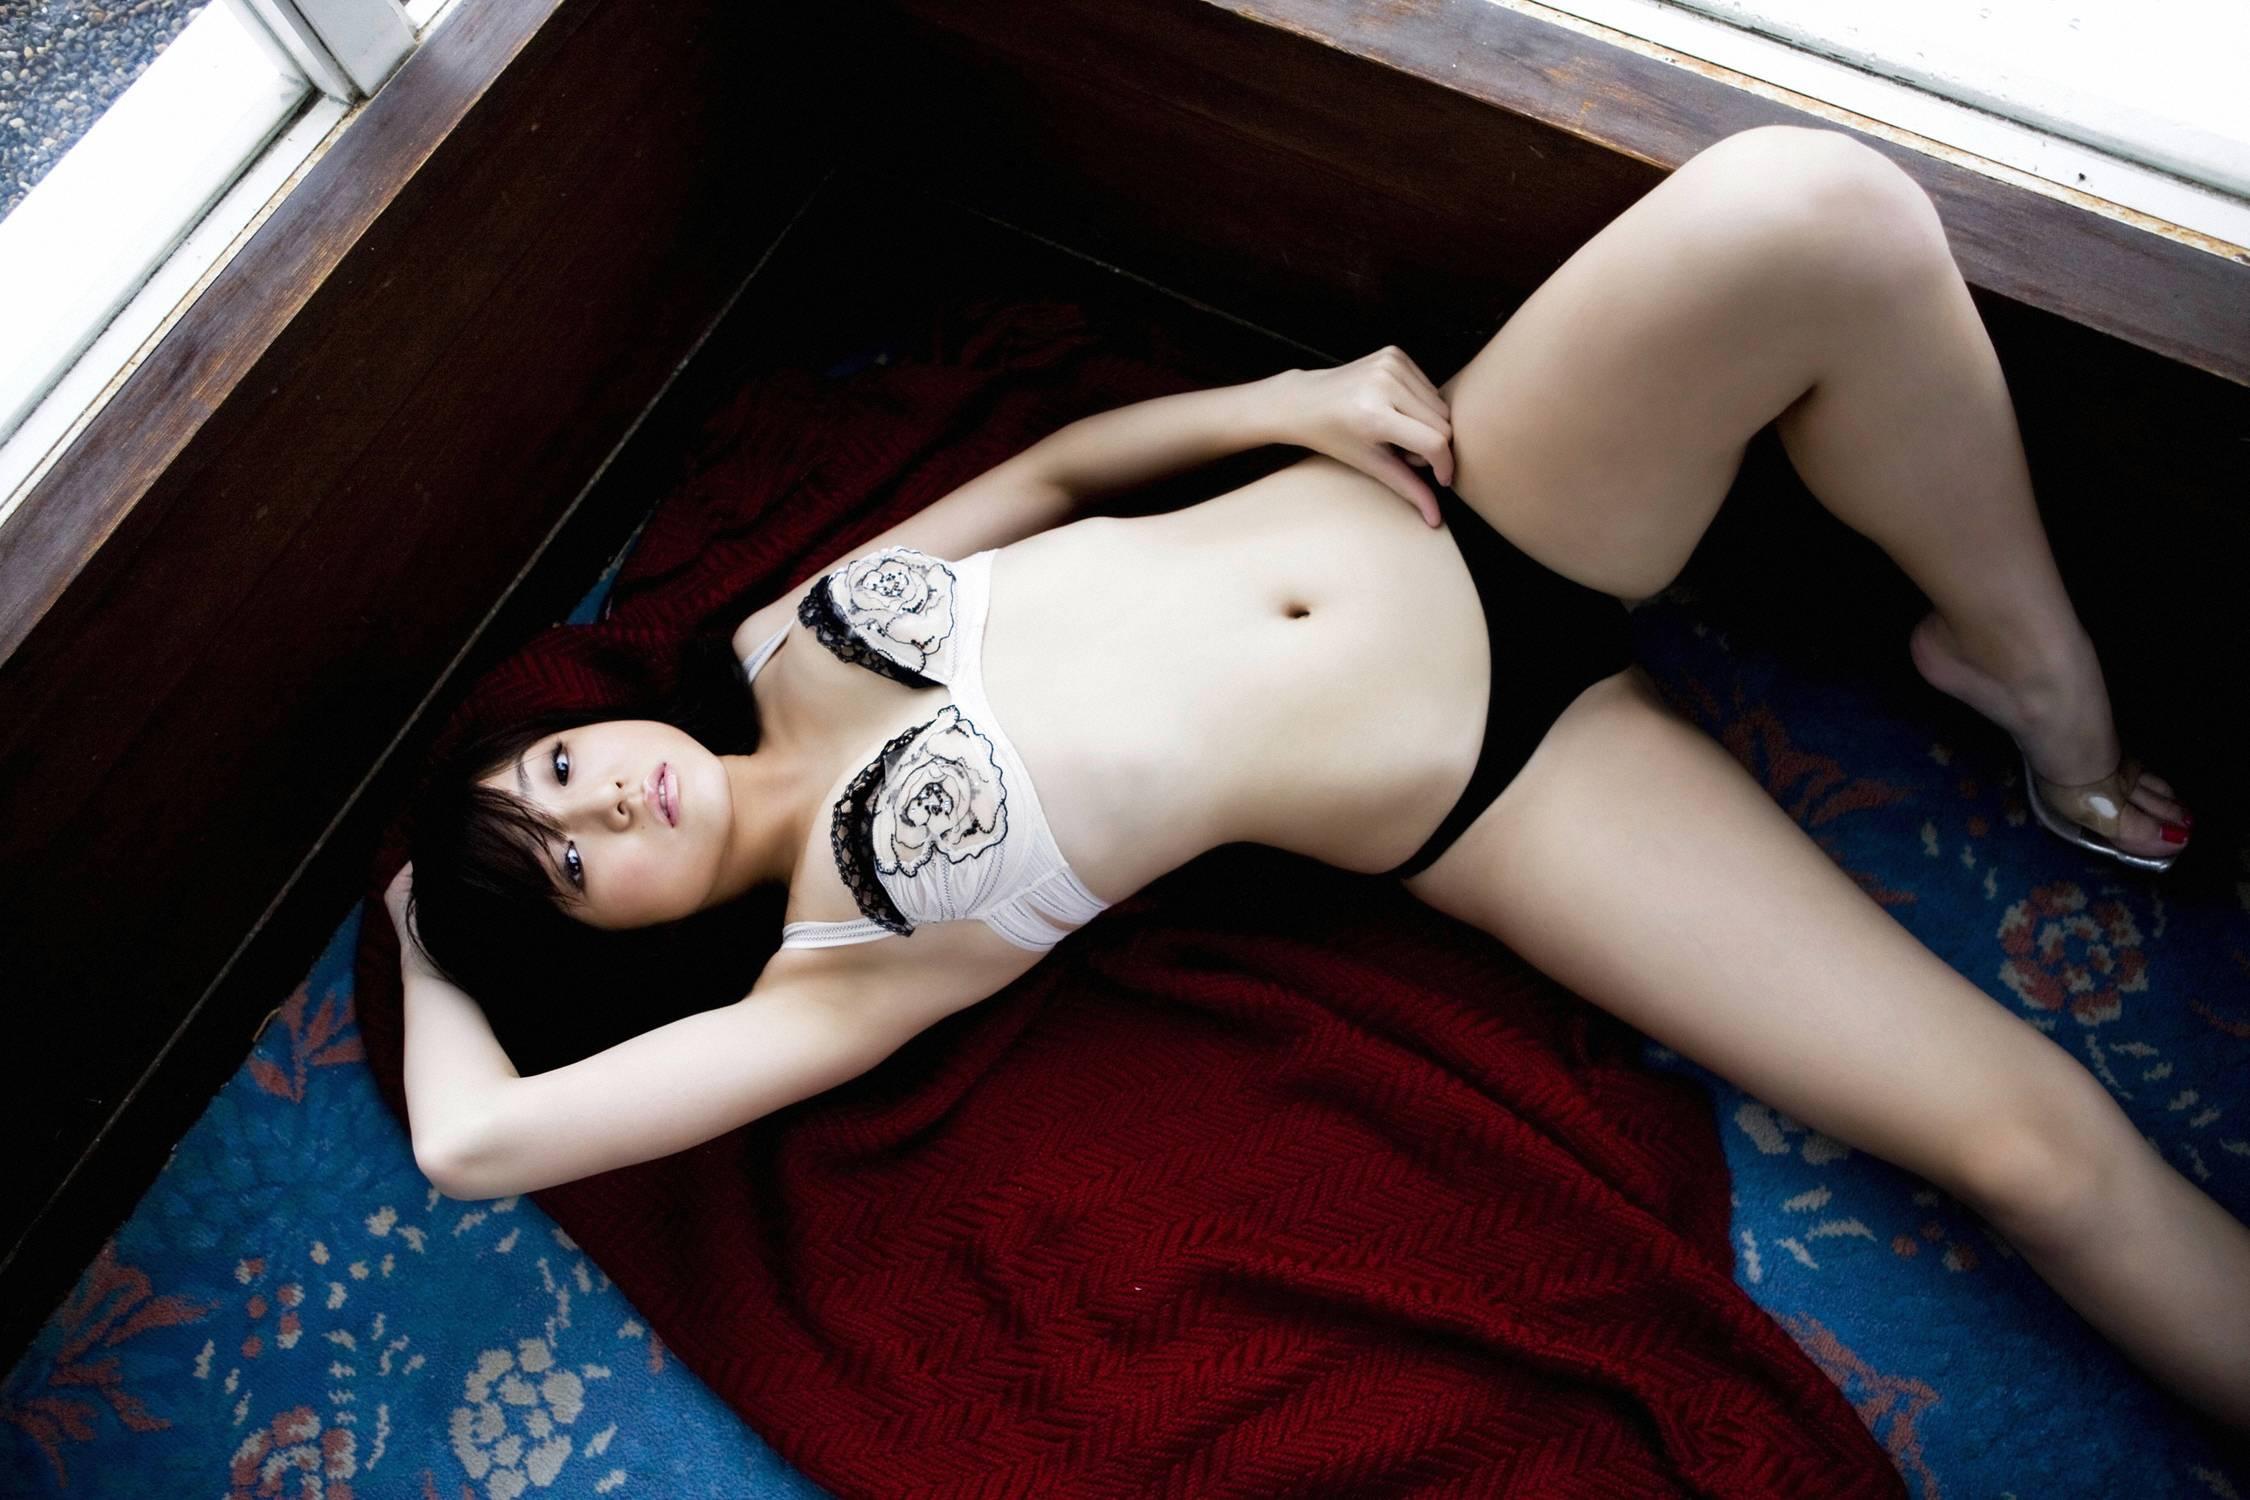 (Fカップ)中村静香写真まとめ7